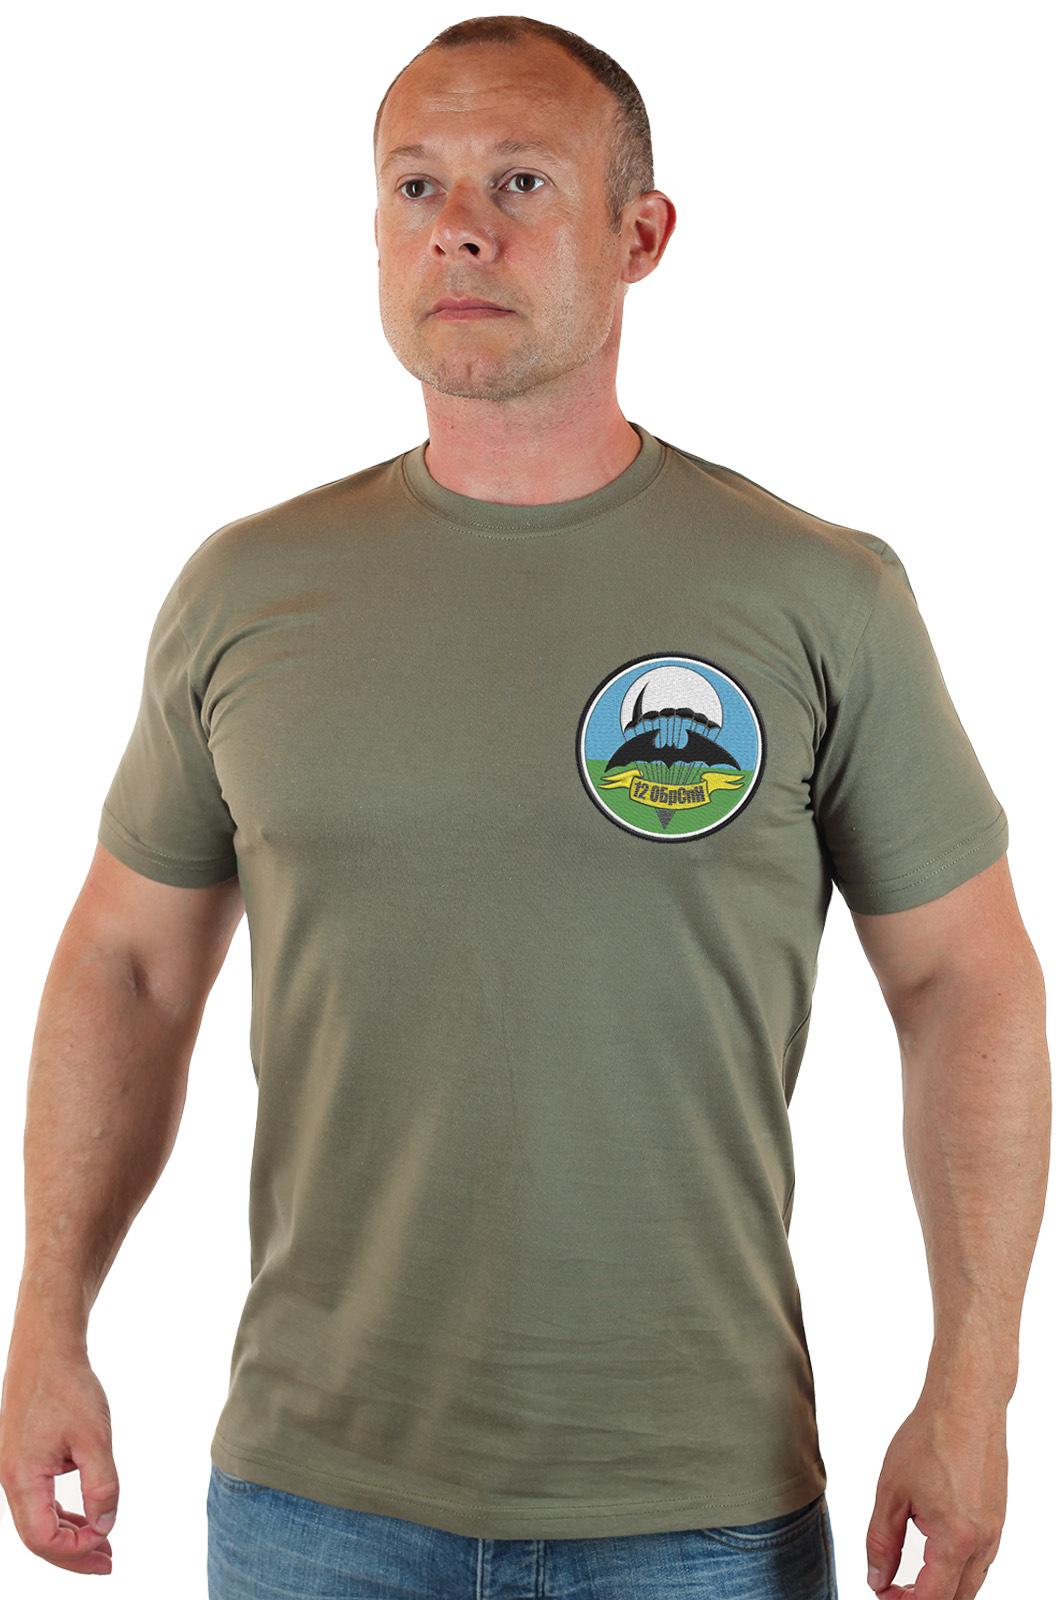 Мужские хаки футболки с эмблемой 12 ОБрСпН оптом и в розницу